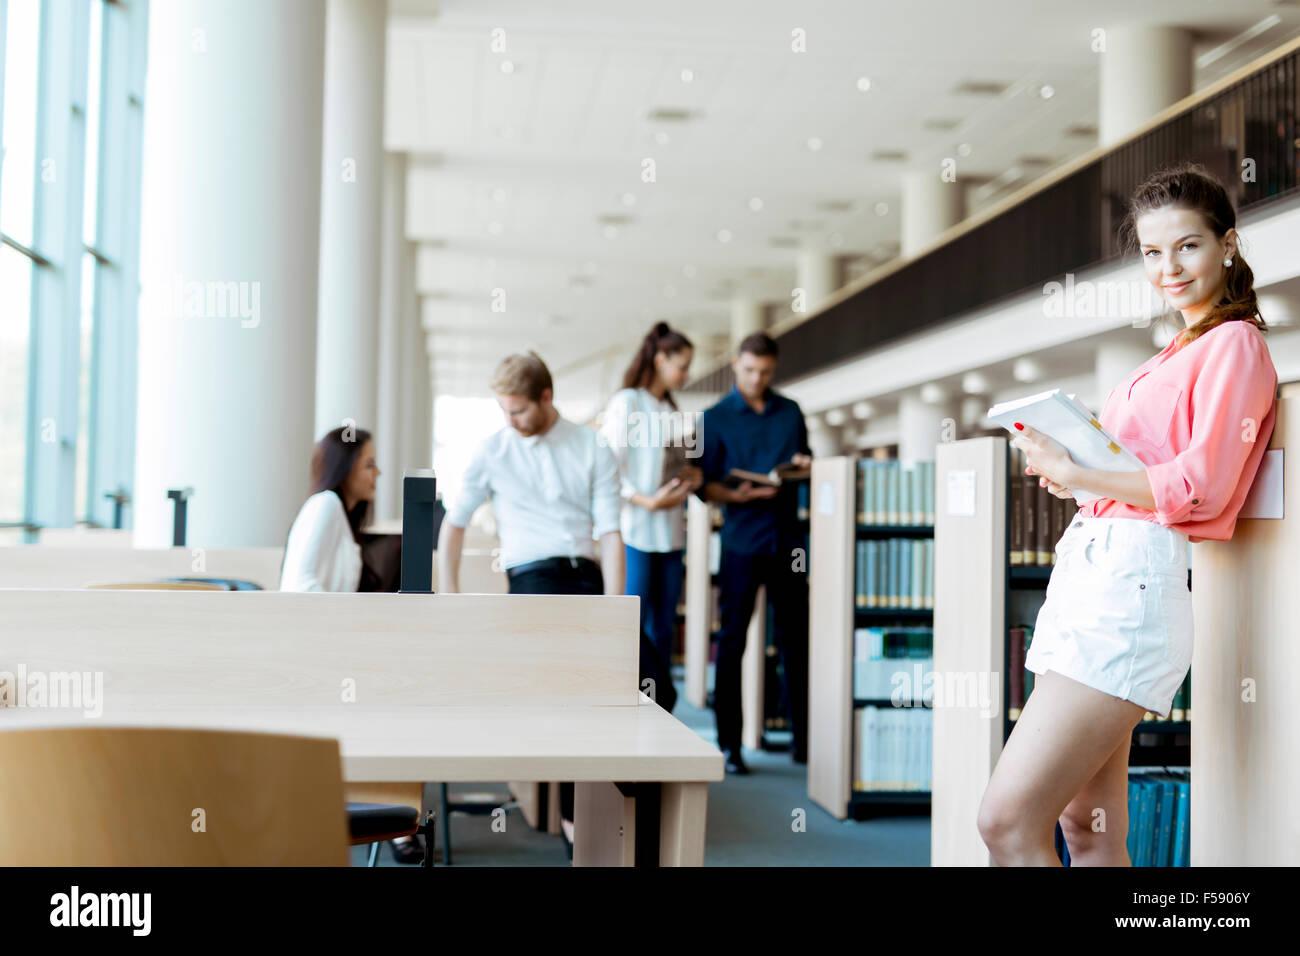 Un gruppo di docenti universitari che studiano nella libreria e conversare in uno stato d'animo positivo Immagini Stock